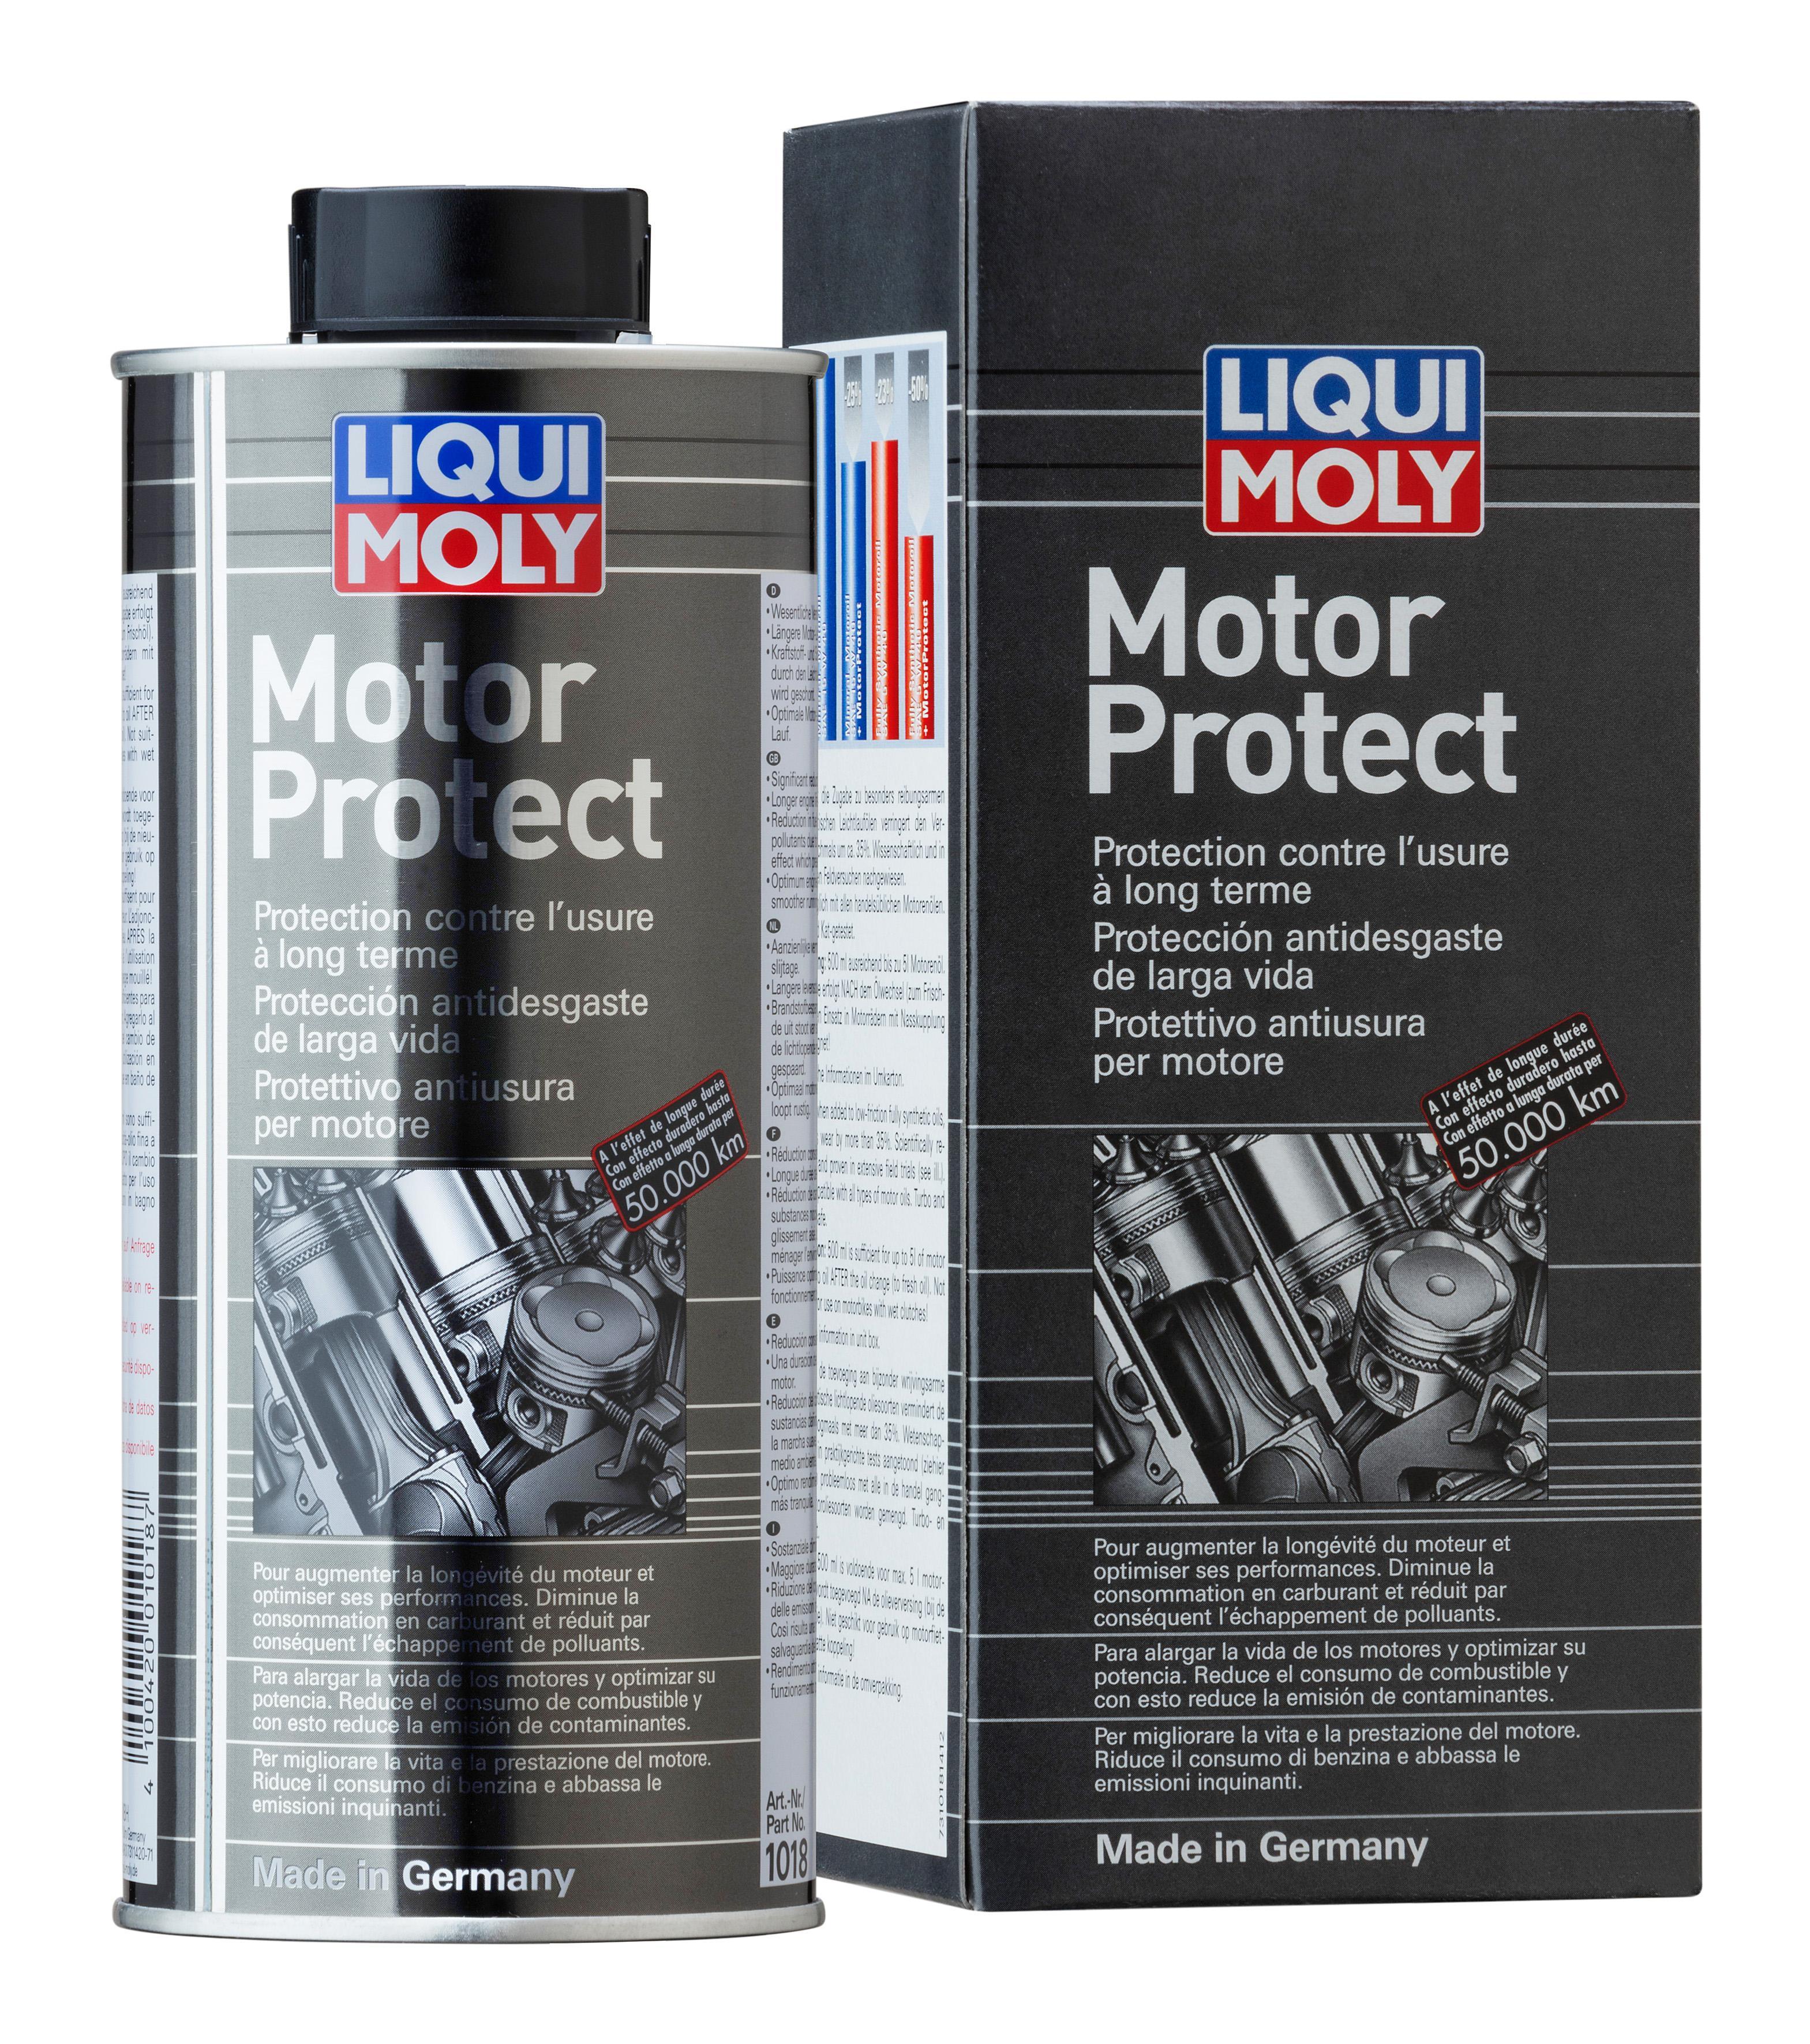 Acquisti in maniera conveniente: LIQUI MOLY Additivo olio motore Lattina, Contenuto: 500ml 1018